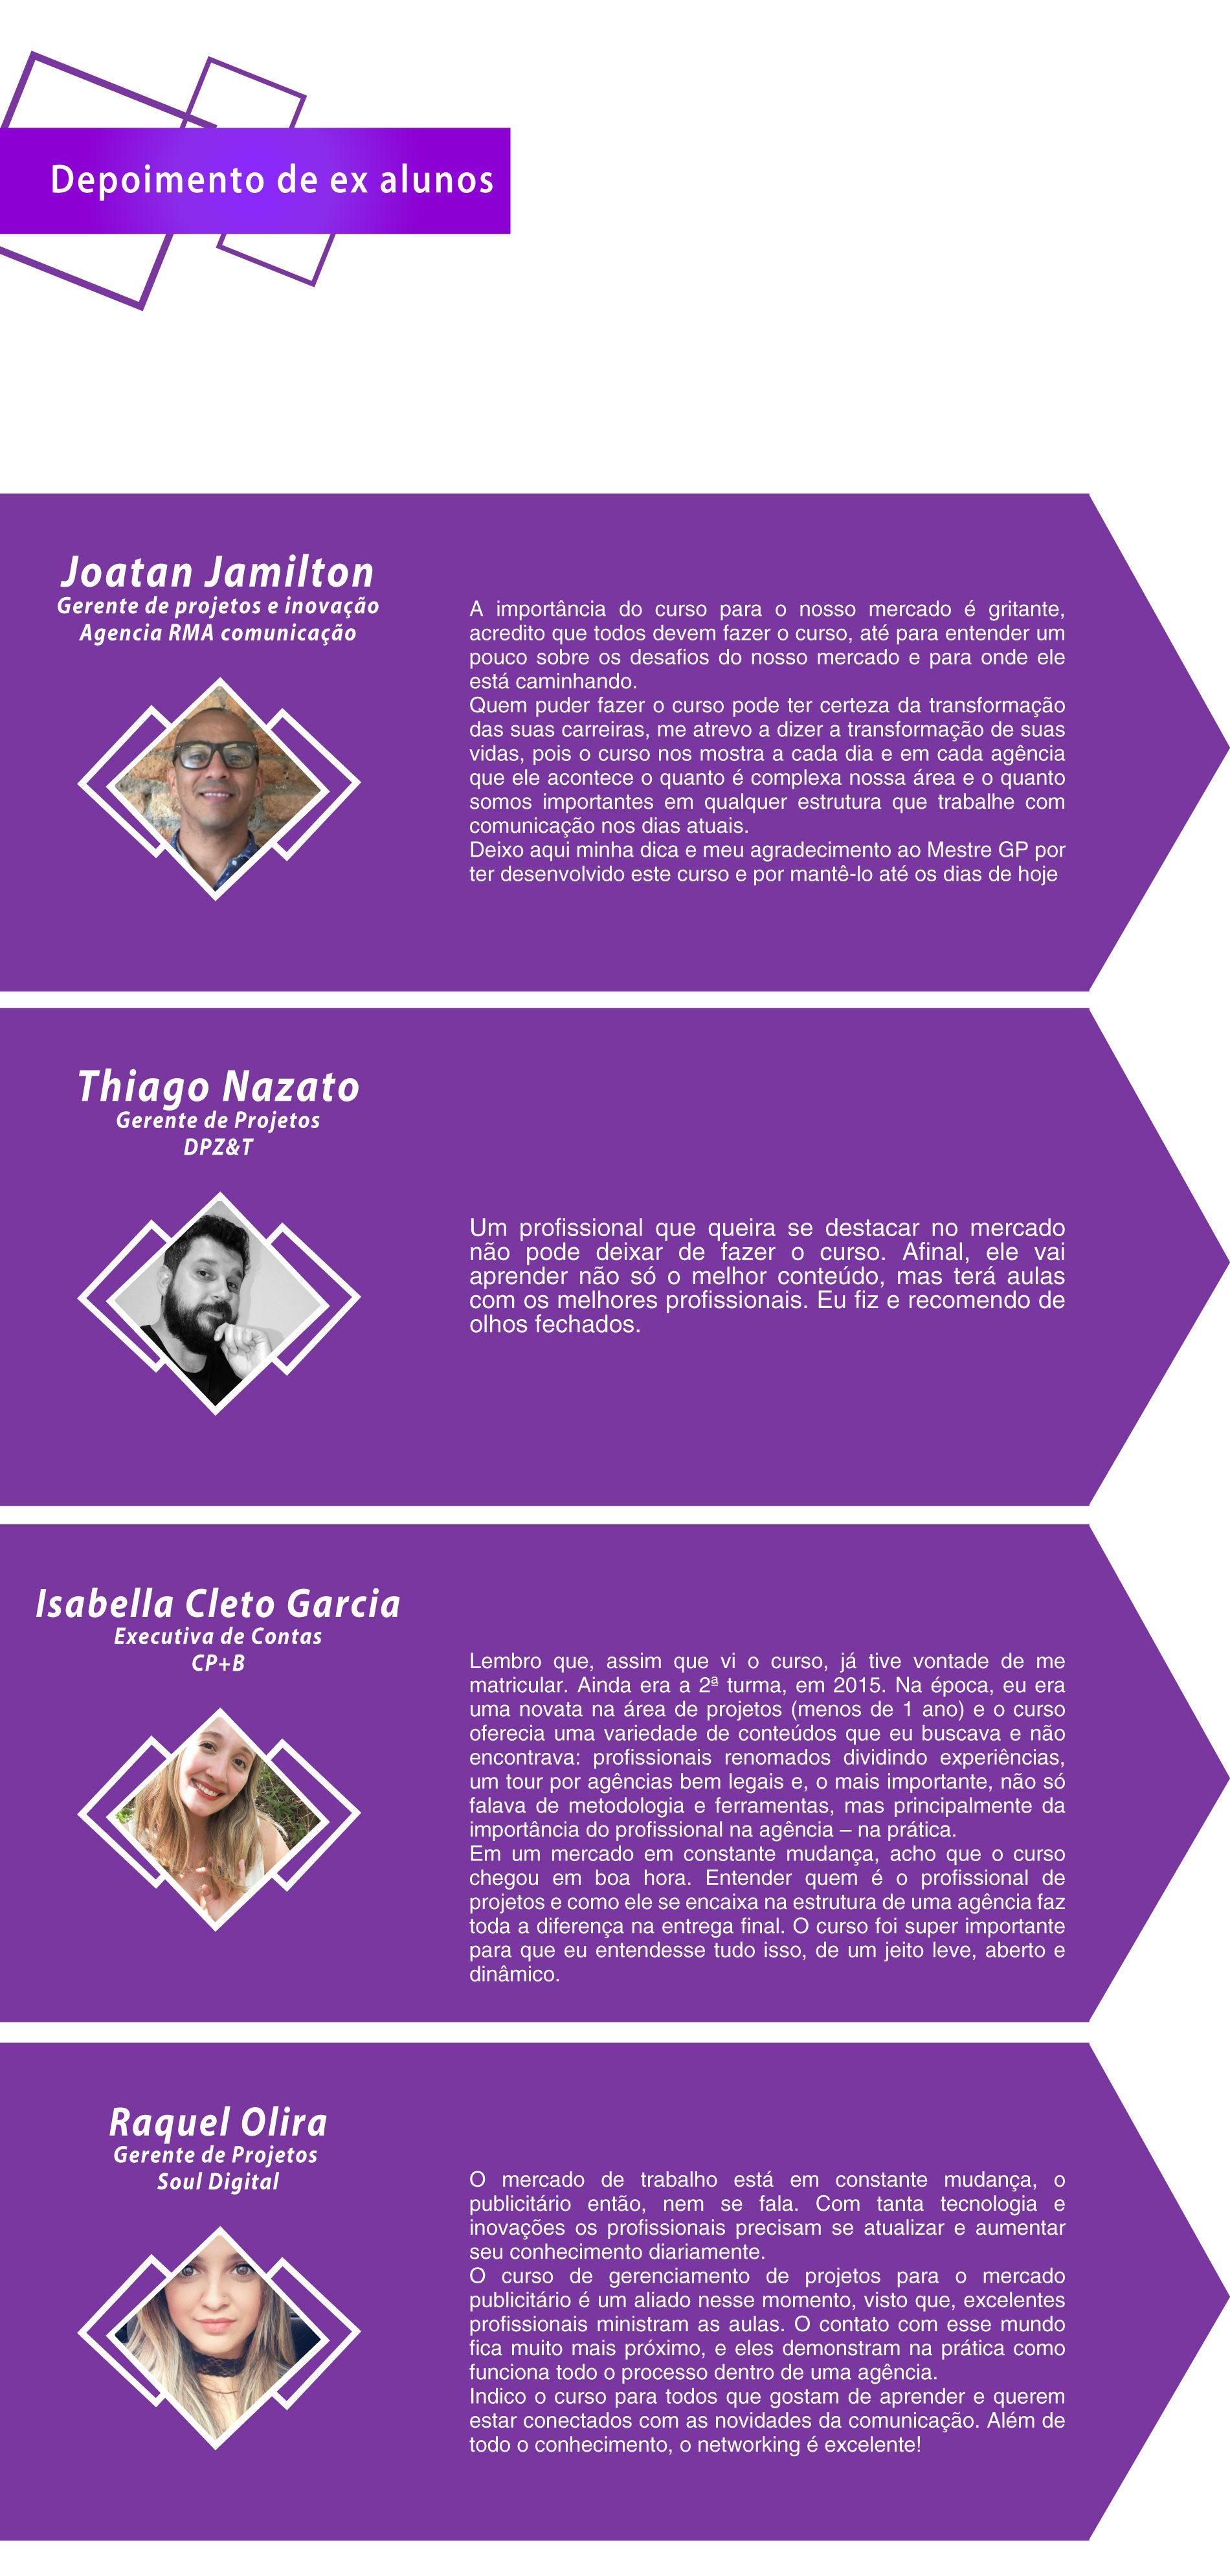 https://www.mestregp.com.br/wp-content/uploads/2016/10/Pagina-Curso-Cultura-pt4-2-revisada-1-1900x3978.jpg